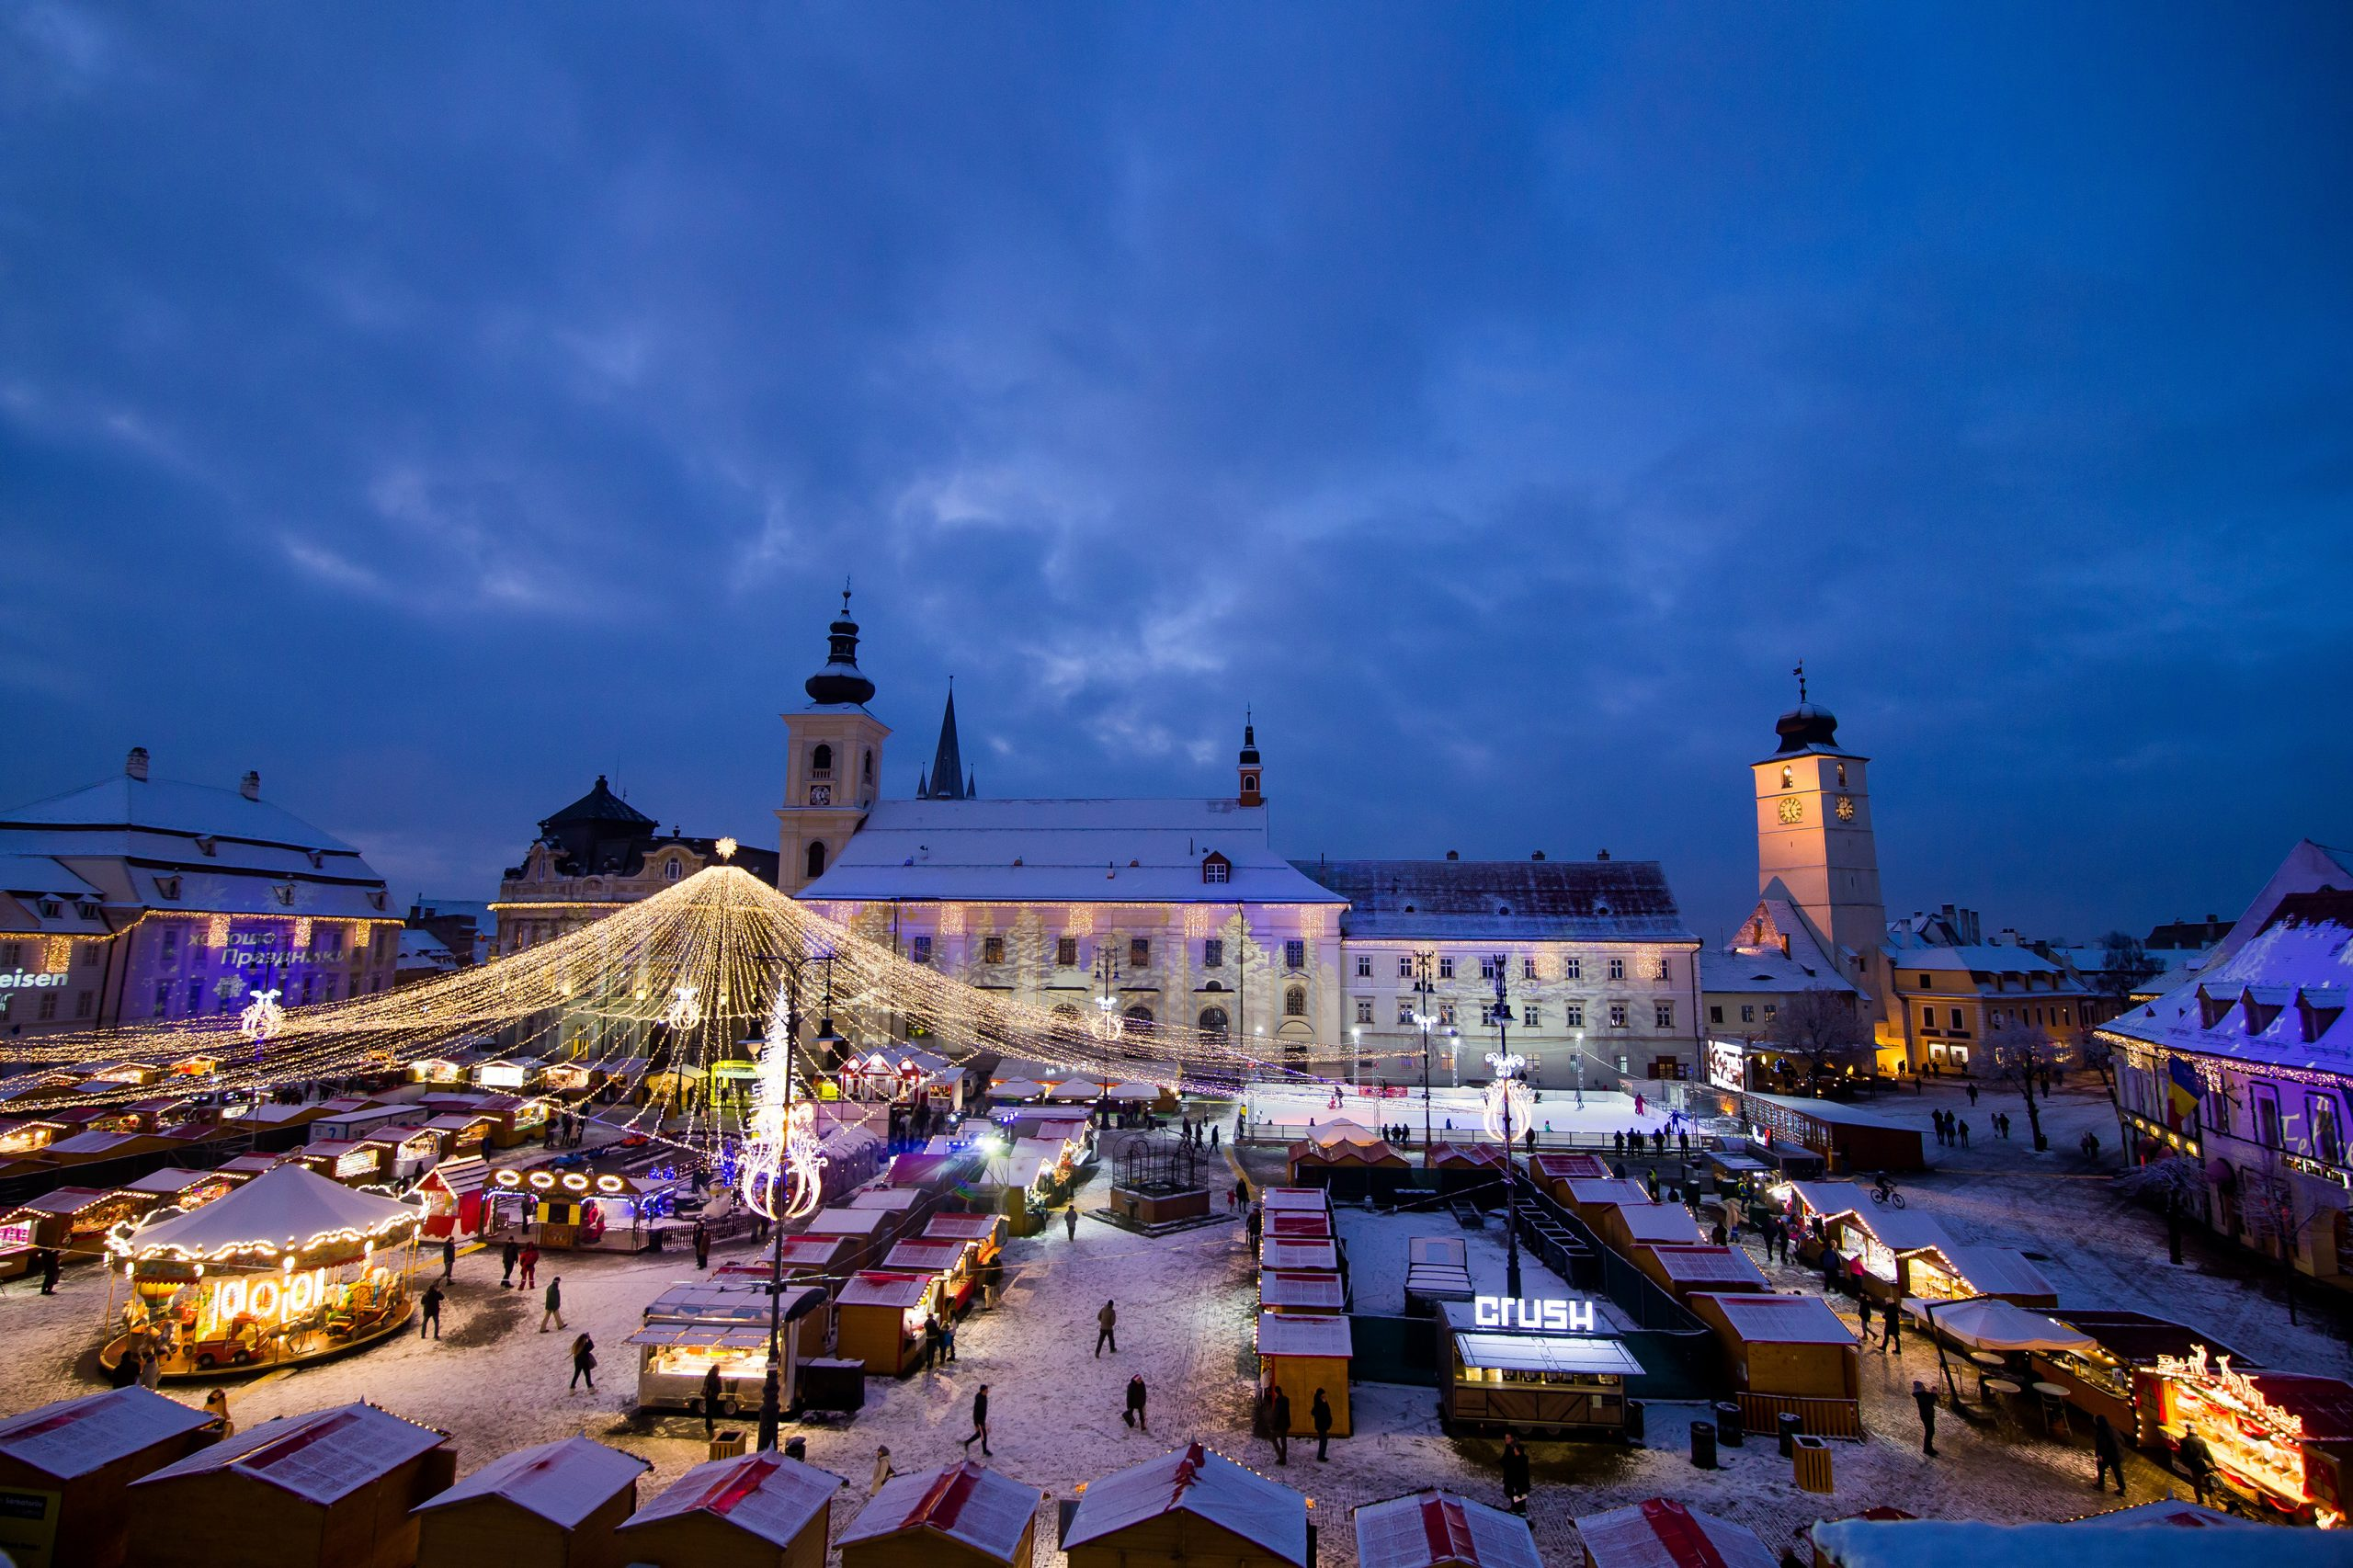 Concurs de fotografie in cadrul proiectului Sibiu – Orasul Bunelor Maniere